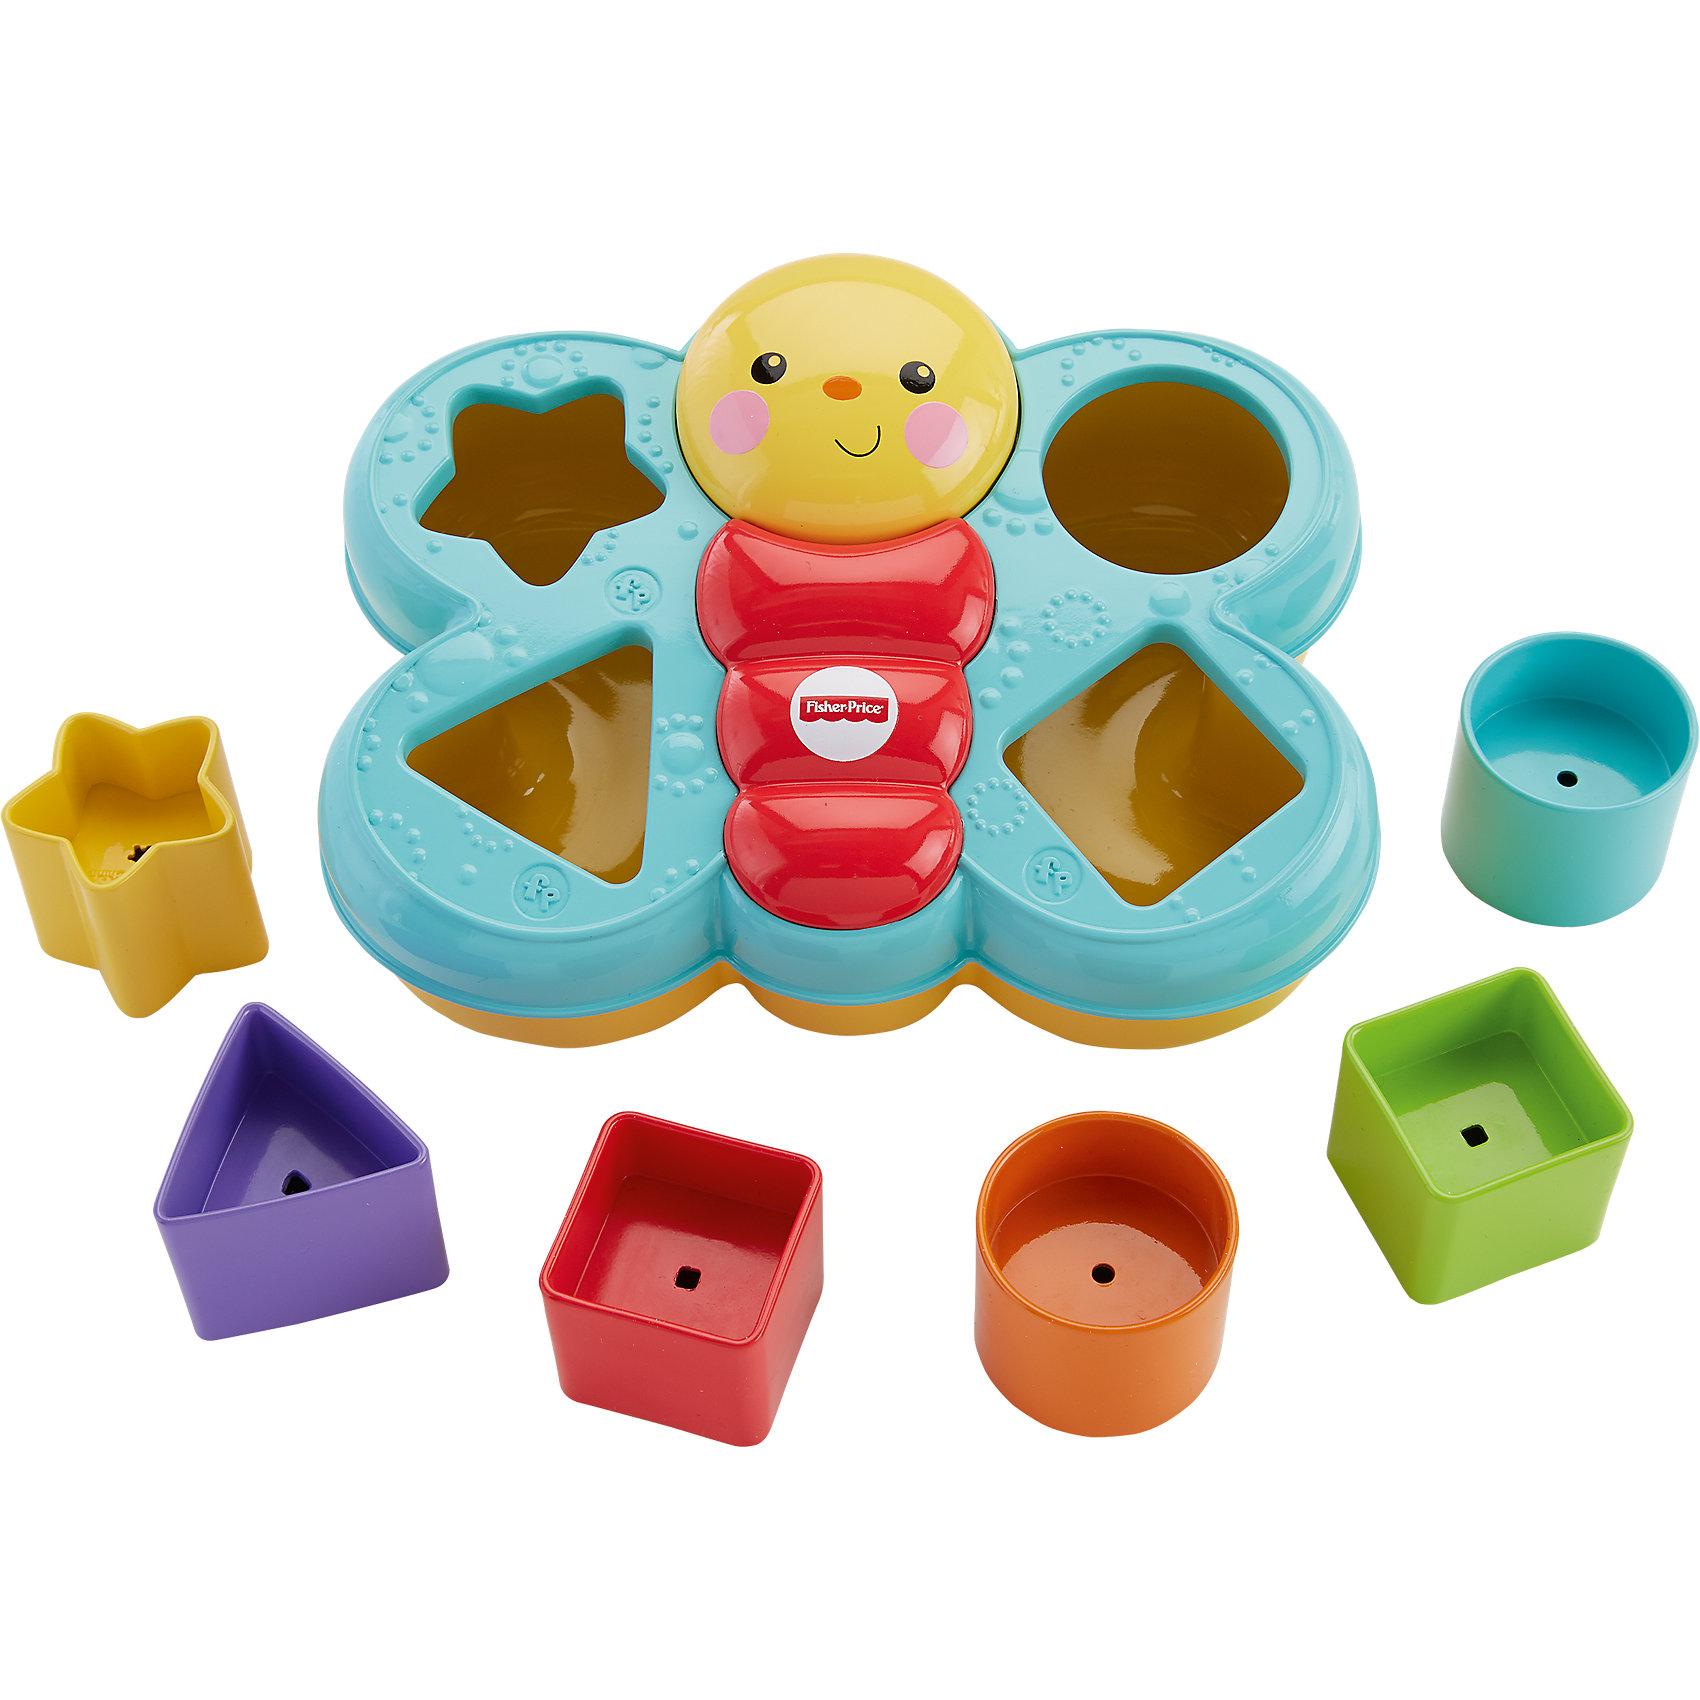 Сортер Бабочка, Fisher-PriceСортеры<br>Сортер Бабочка, Fisher-Price (Фишер-прайс)- красочная развивающая игрушка, которая обязательно привлечет внимание Вашего малыша. Сортер выполнен в виде яркой разноцветной бабочки с забавной улыбающейся мордочкой. В ее крылышках размещены выемки, по форме соответствующие разноцветным фигуркам, входящим в набор. Правильно разместив все фигурки по своим местам, малыш украсит крылышки бабочки. Игрушка развивает логическое мышление, зрительное восприятие, двигательную координацию и мелкую моторику.<br><br>Дополнительная информация:<br><br>- В комплекте: сортер Бабочка, 6 фигур разной формы.<br>- Материал: пластик.<br>- Размер упаковки: 17 x 21 x 10,3 см.<br>- Вес: 0,334 кг.<br><br>Сортер Бабочка, Fisher-Price (Фишер Прайс) можно купить в нашем интернет-магазине.<br><br>Ширина мм: 205<br>Глубина мм: 165<br>Высота мм: 104<br>Вес г: 324<br>Возраст от месяцев: 6<br>Возраст до месяцев: 18<br>Пол: Унисекс<br>Возраст: Детский<br>SKU: 3863147